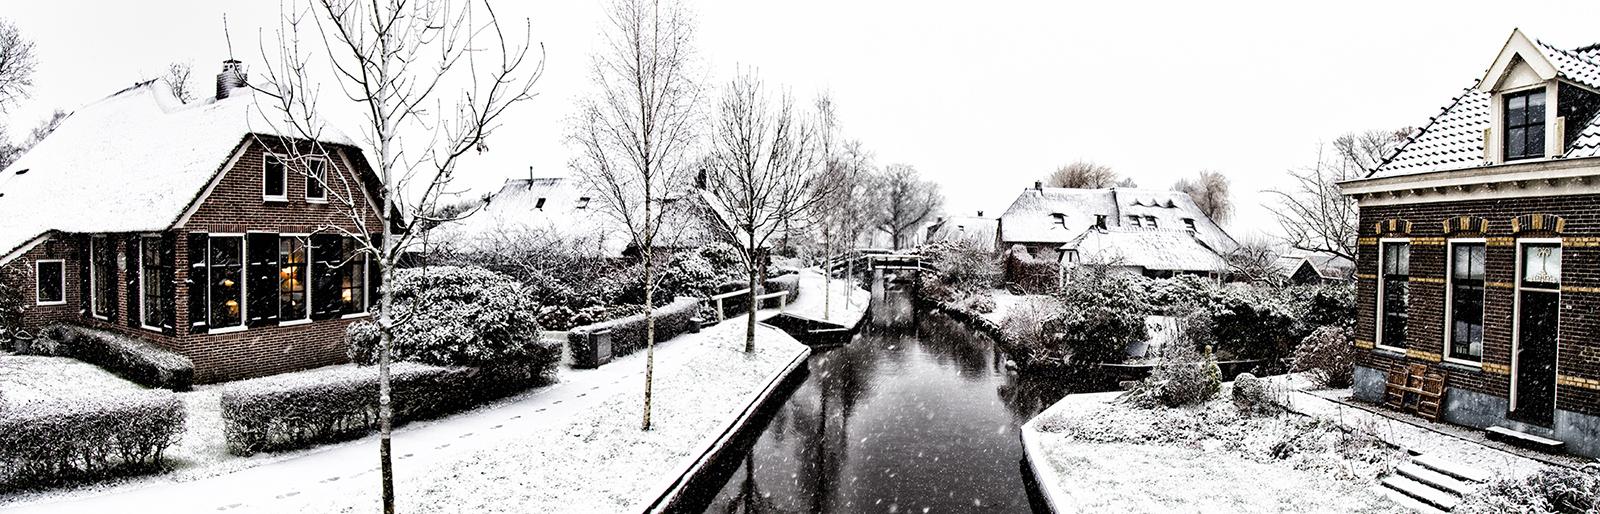 Giethoorn gracht in de winter (ilovegiethoorn.nl)